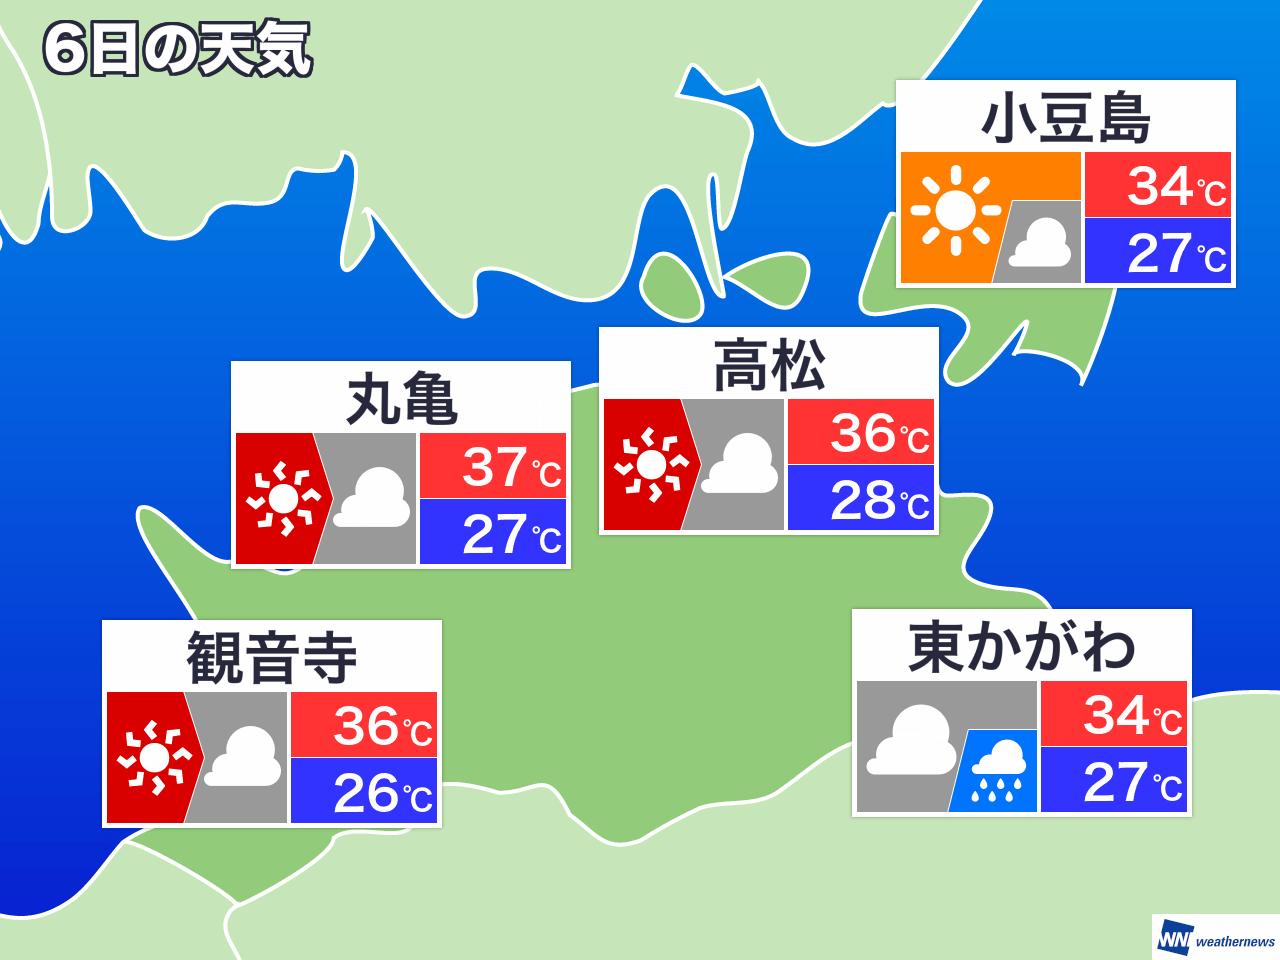 高松 天気 10 日間 【一番当たる】香川県高松市の最新天気(1時間・今日明日・週間)